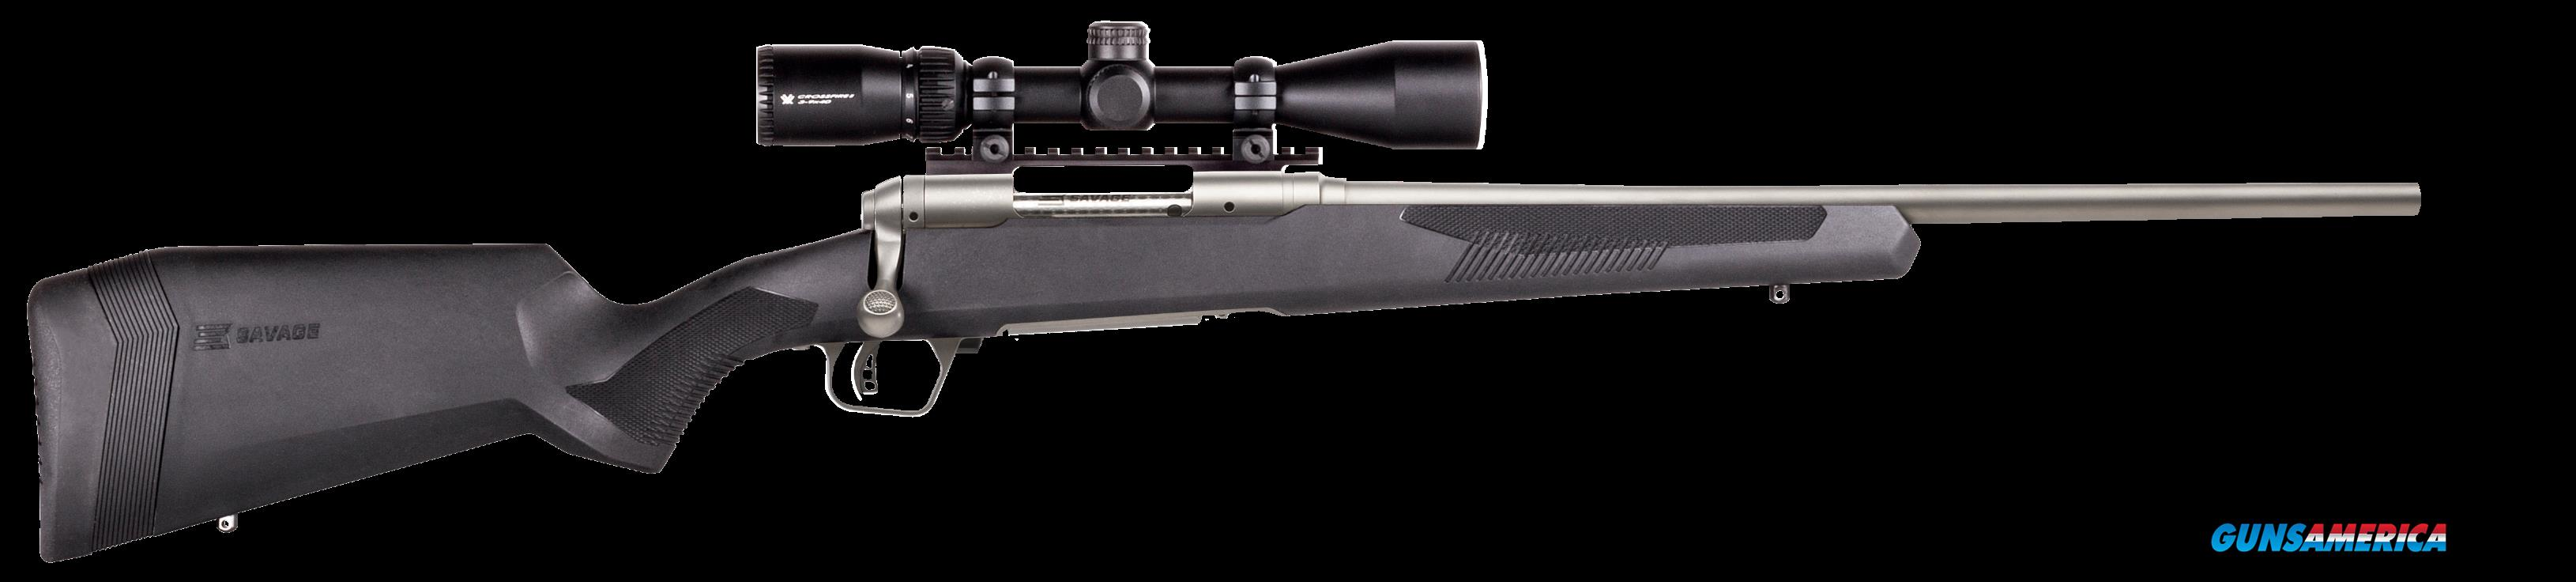 Savage 10-110, Sav 57343 110 Apex Storm Xp  243 Win        Vortex  Guns > Pistols > 1911 Pistol Copies (non-Colt)